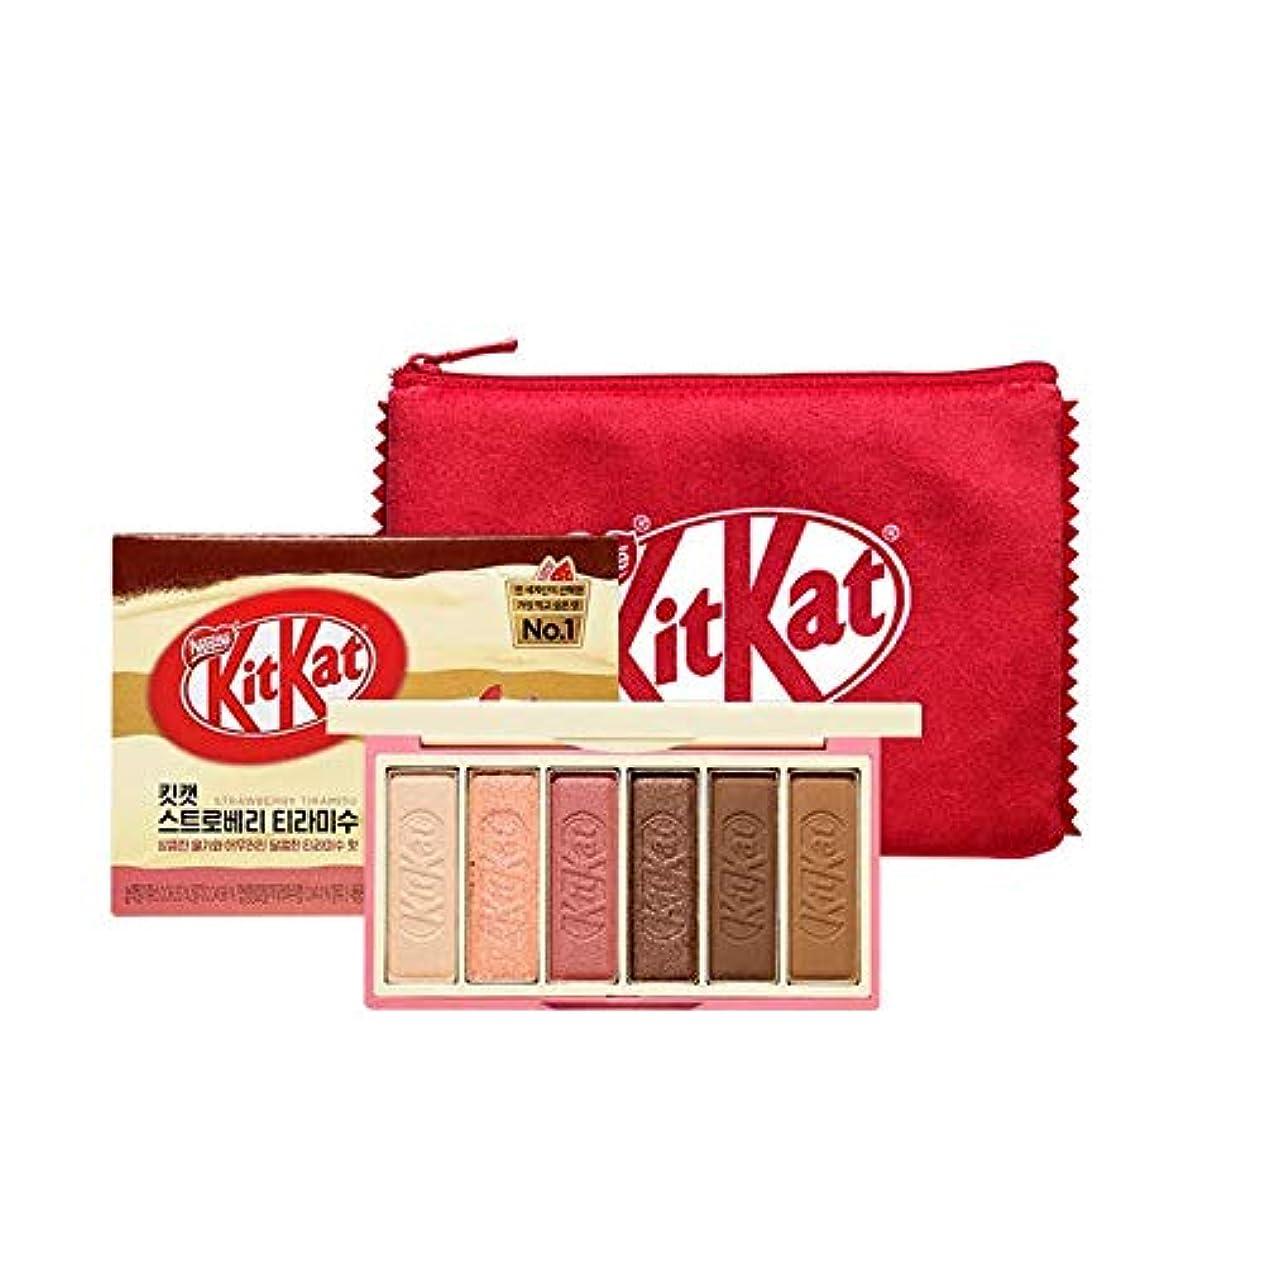 馬鹿くるみプラットフォームエチュードハウス キットカット プレイカラー アイズ ミニ キット 1*6g / ETUDE HOUSE KitKat Play Color Eyes Mini Kit #2 KitKat Strawberry Tiramisu...